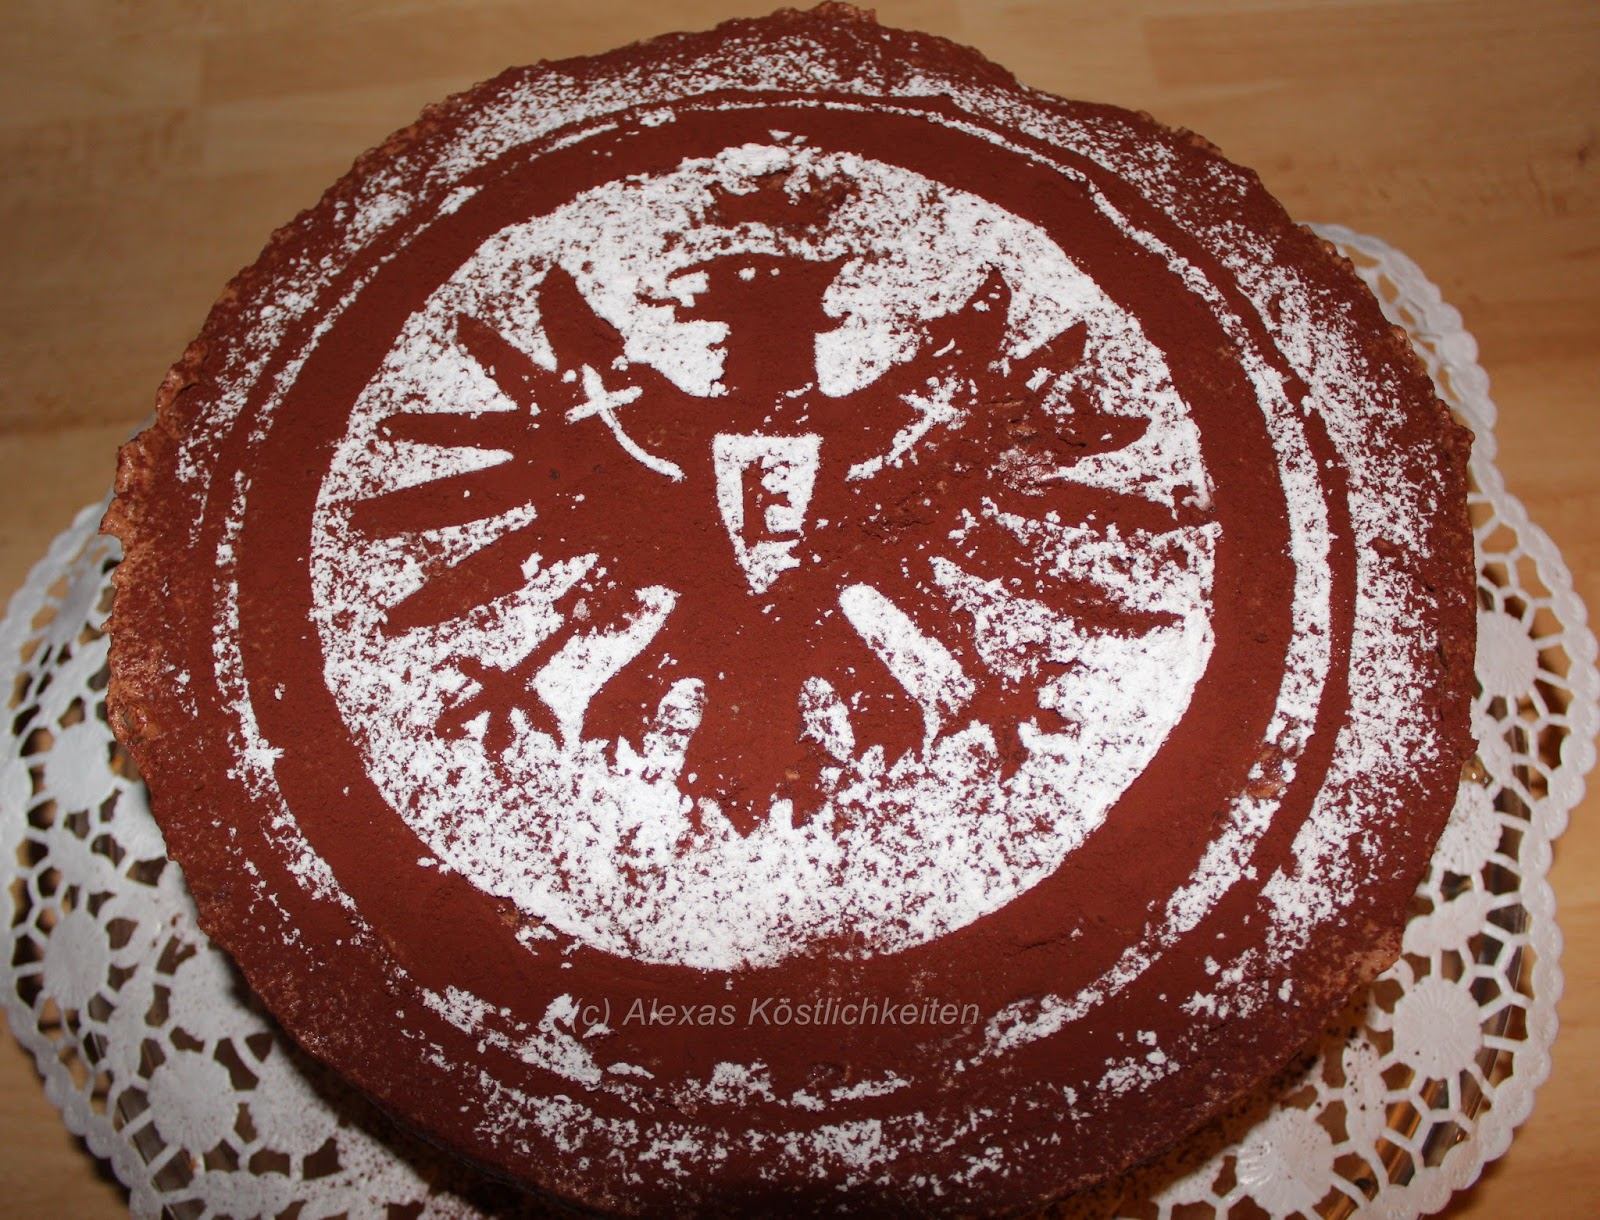 Alexa S Kostlichkeiten Geburtstagsgeschenk Adler Fan Torte